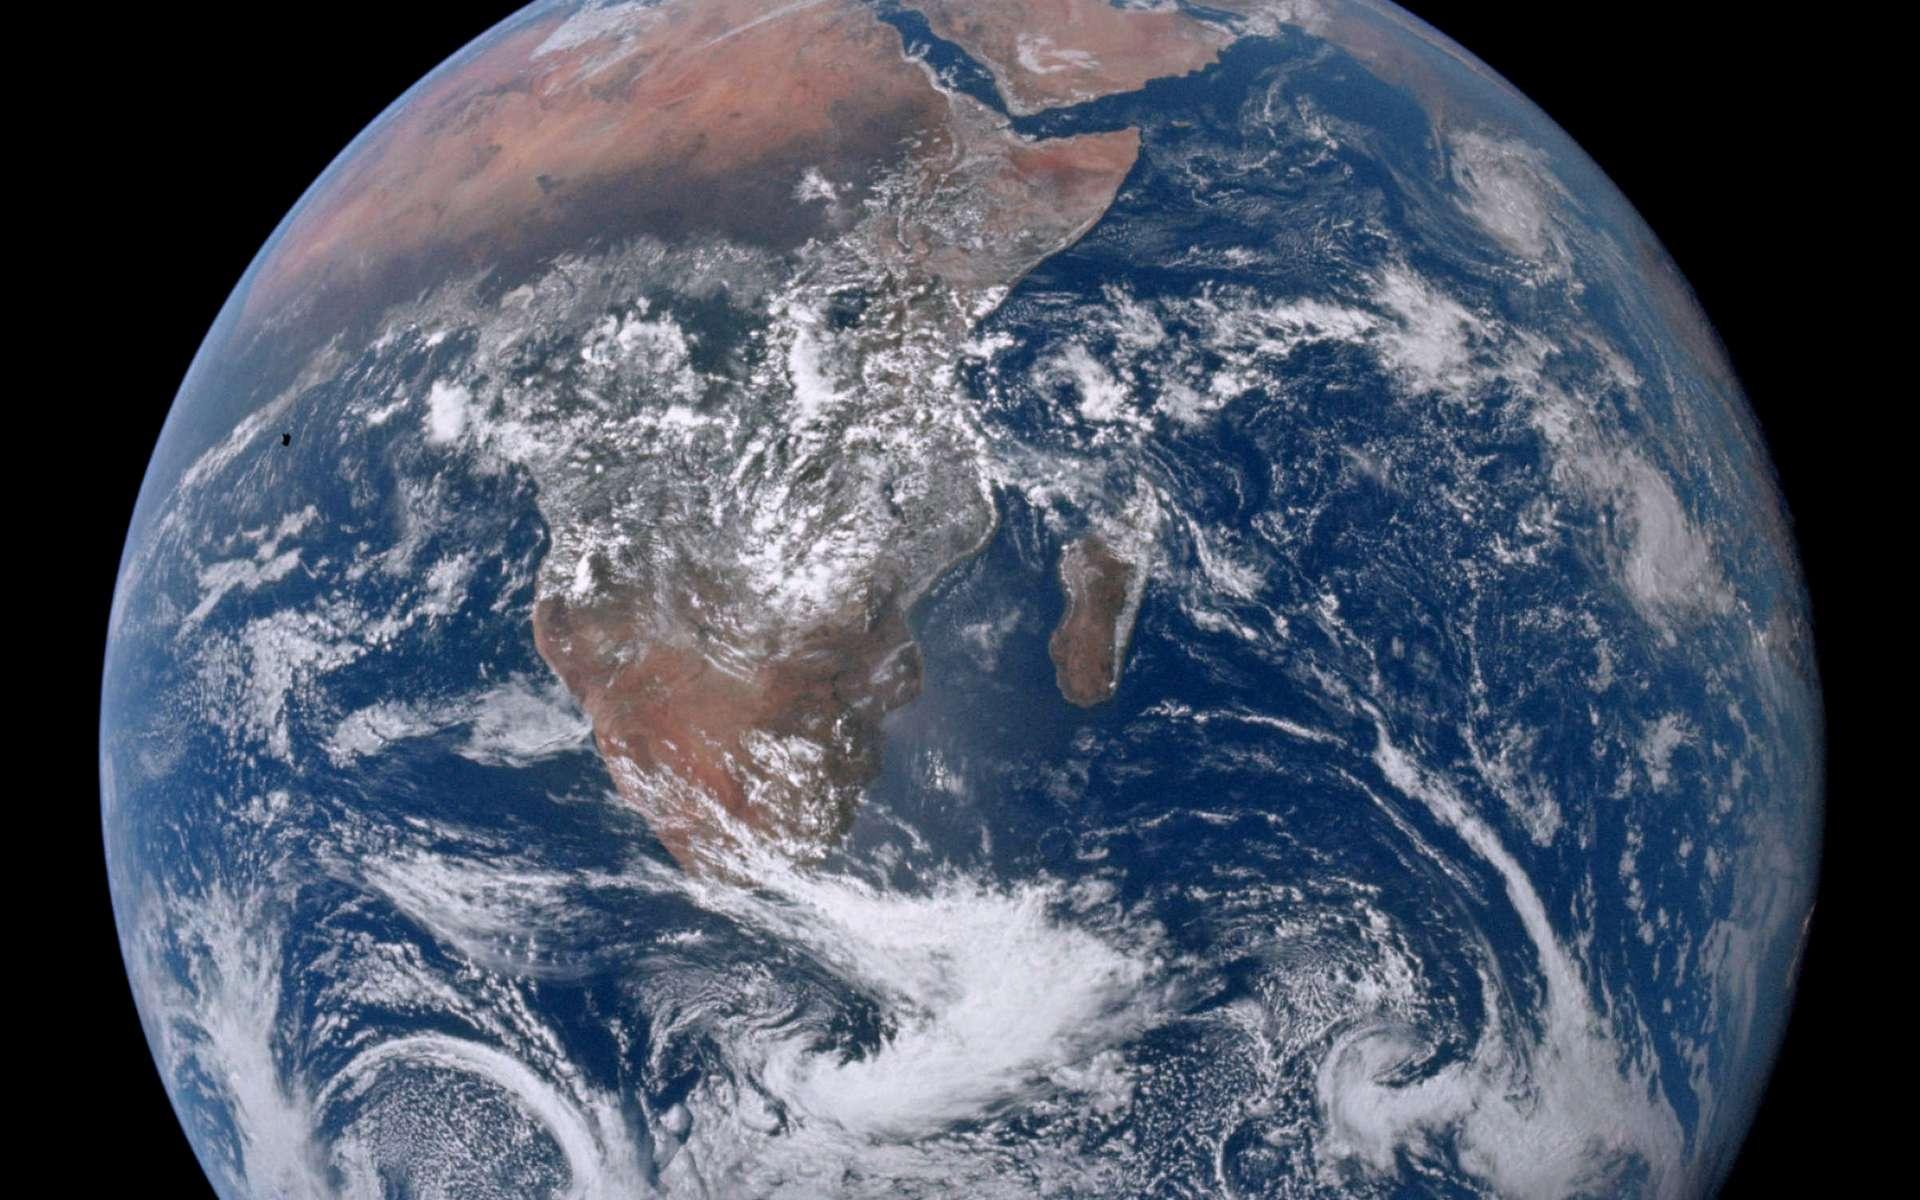 Une célèbre image de la Terre et de ses océans prise par les astronautes d'Apollo 17. © Nasa